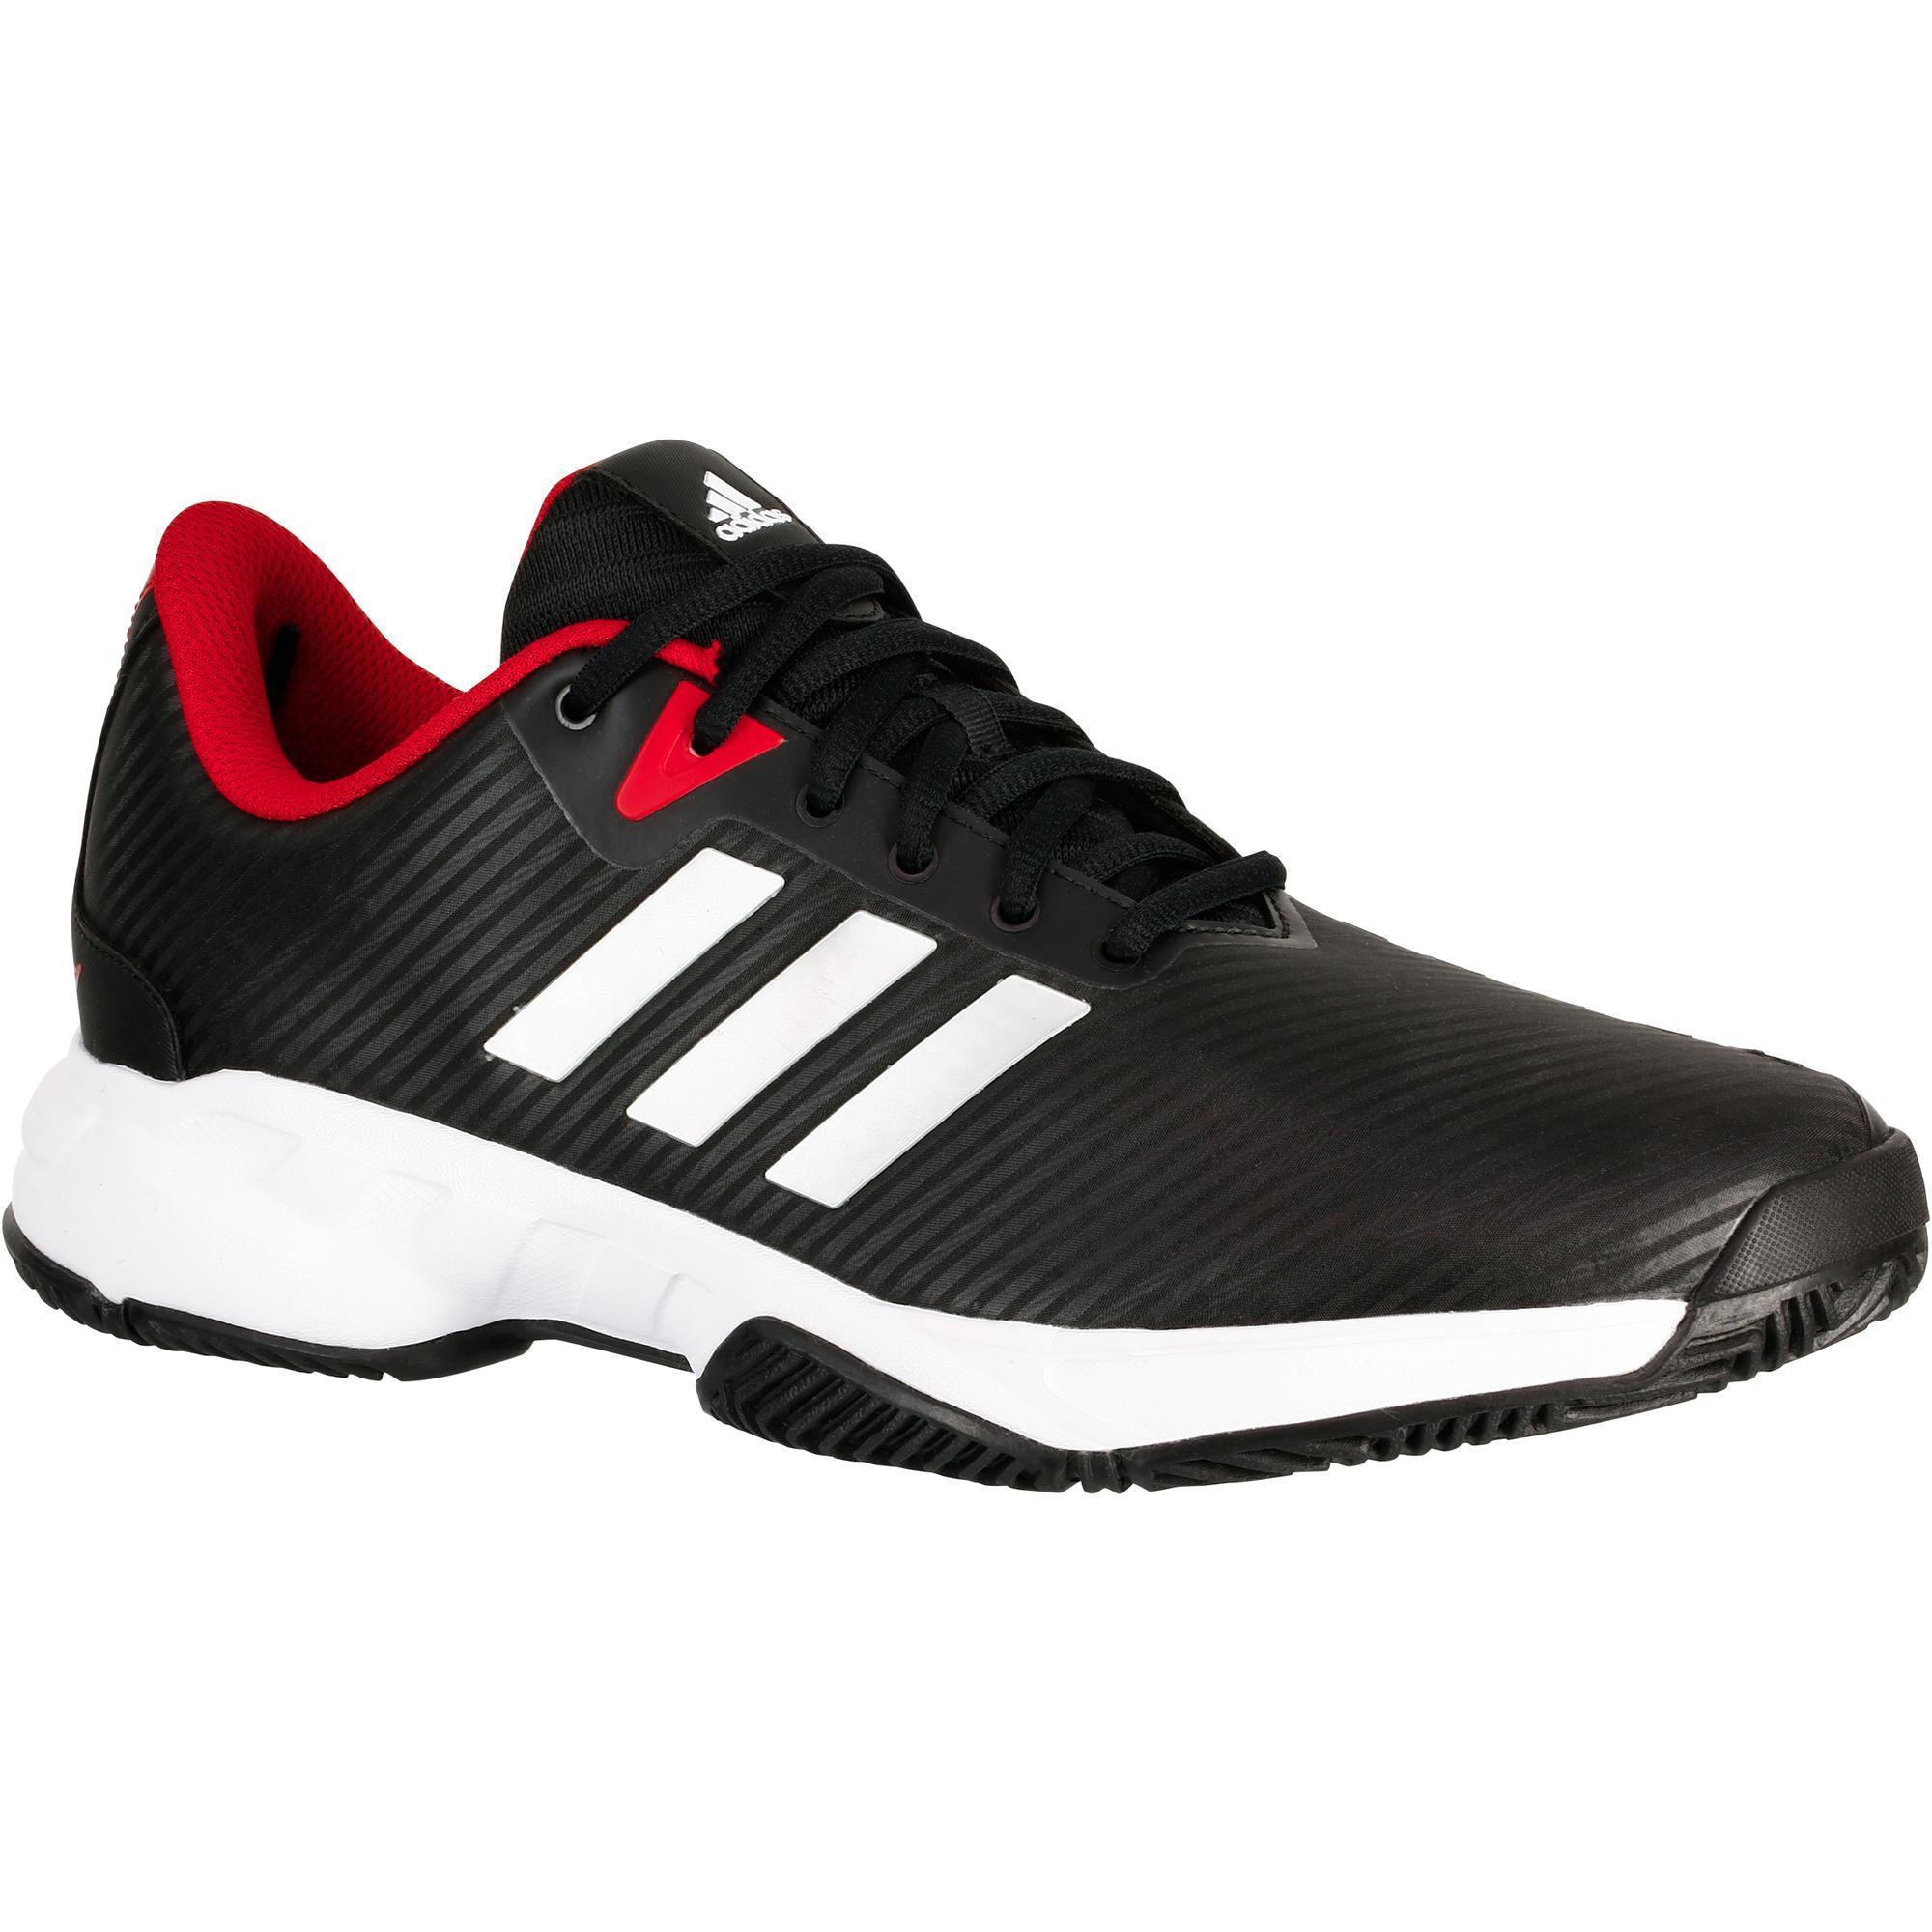 Adidas Tennisschoenen heren Barricade Court zwart